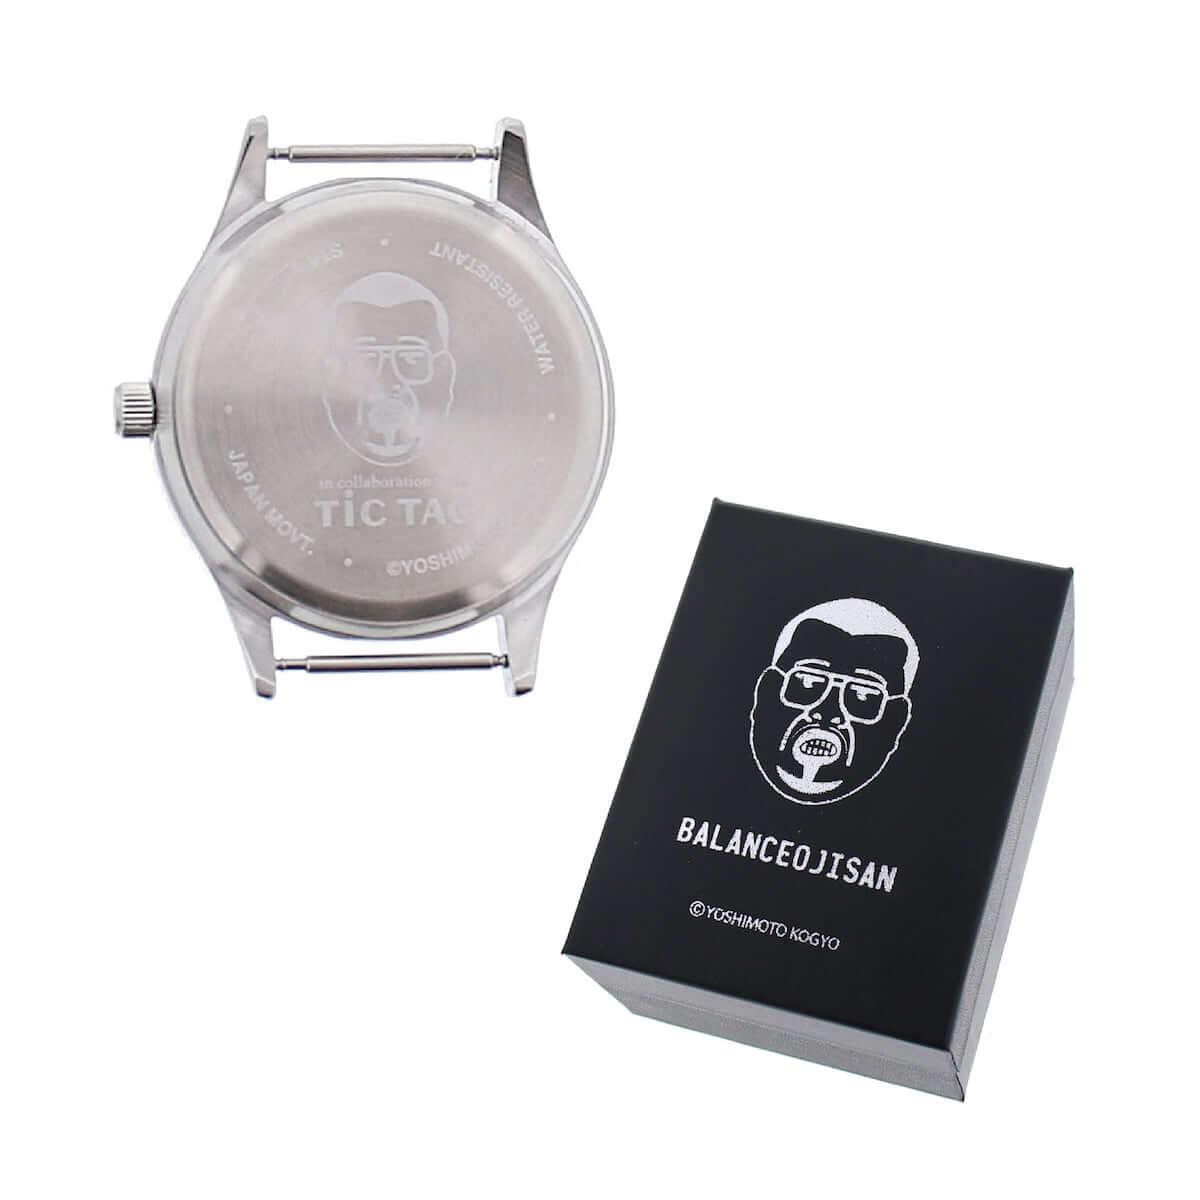 腕時計「TiCTAC」と野生爆弾くっきーのコラボ「ミスティ」と「バランスおじさん」の2種が限定発売 art-culture190109-tic-tac-8-1200x1200